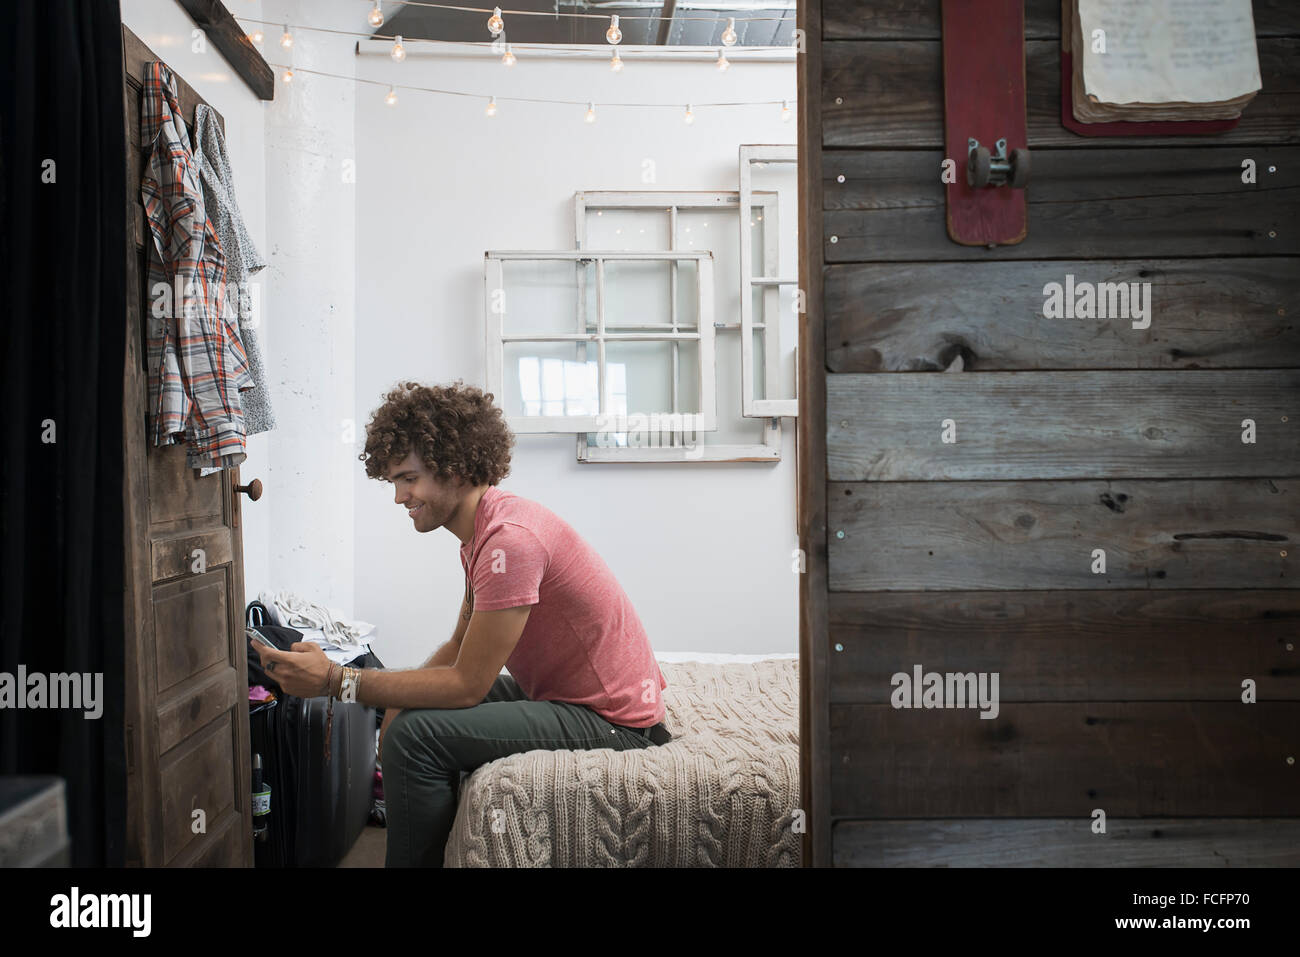 Loft vivant. Un jeune homme à l'aide d'un téléphone intelligent. Photo Stock